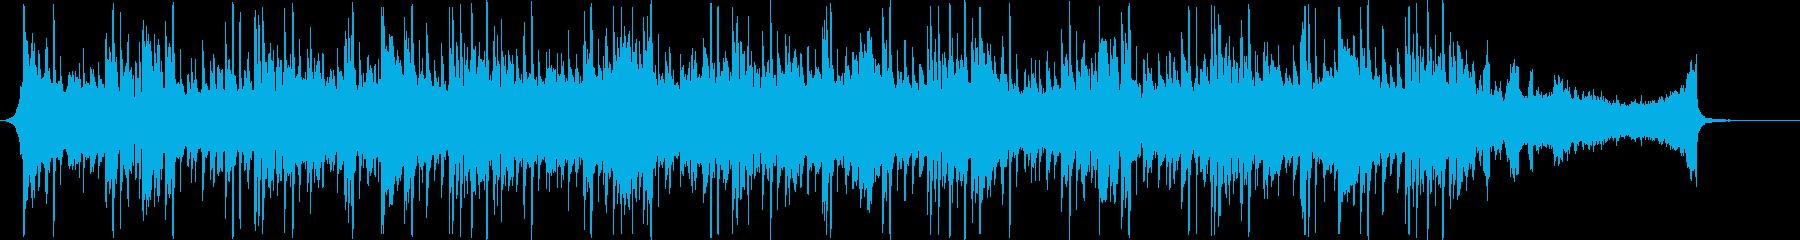 企業CMプレゼンなどシンプルBGM60秒の再生済みの波形